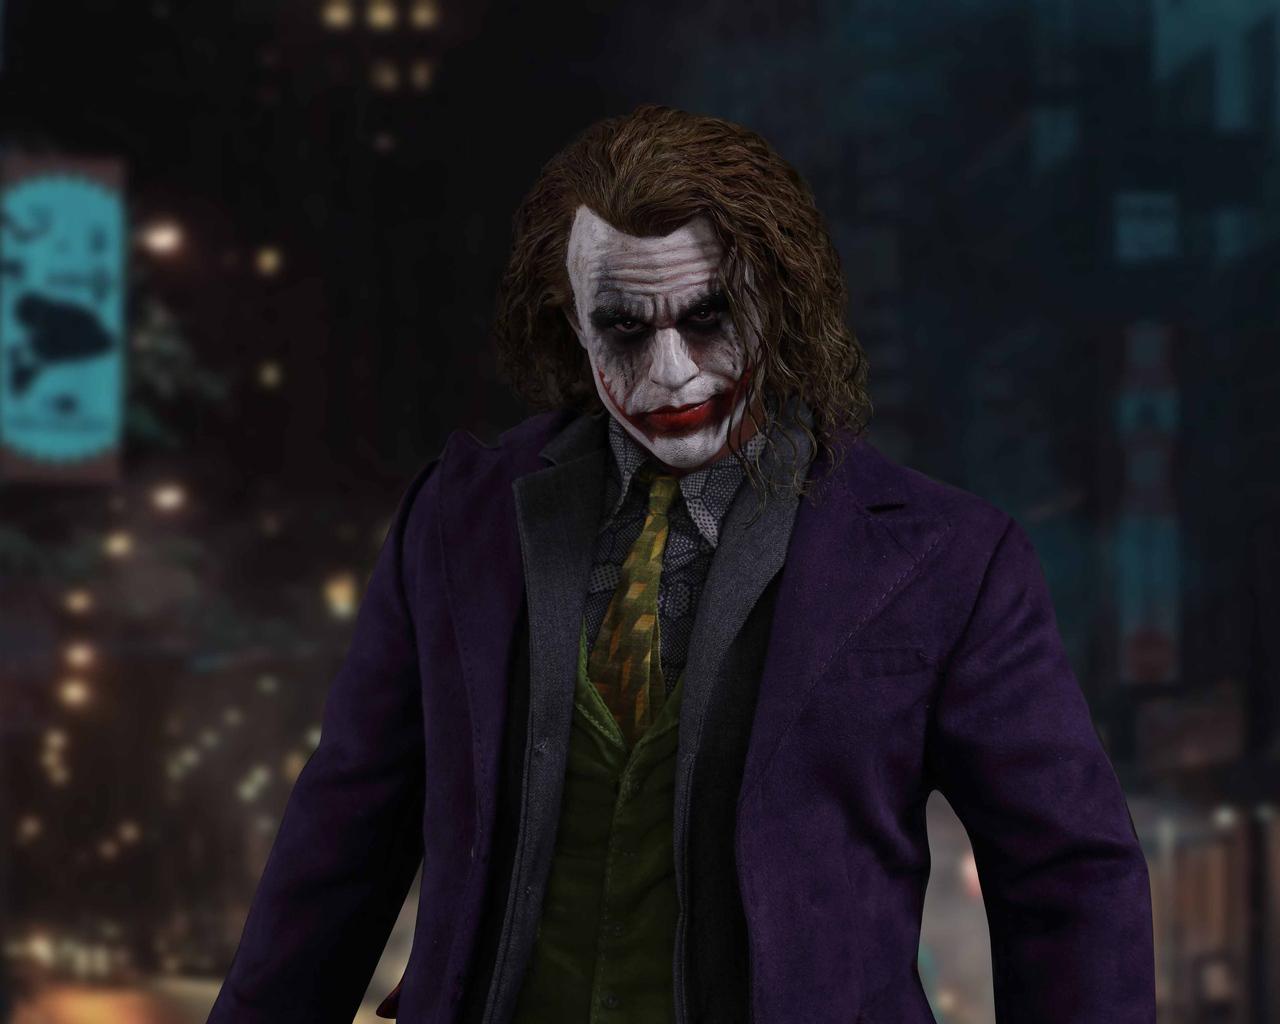 5k-joker-new-pe.jpg